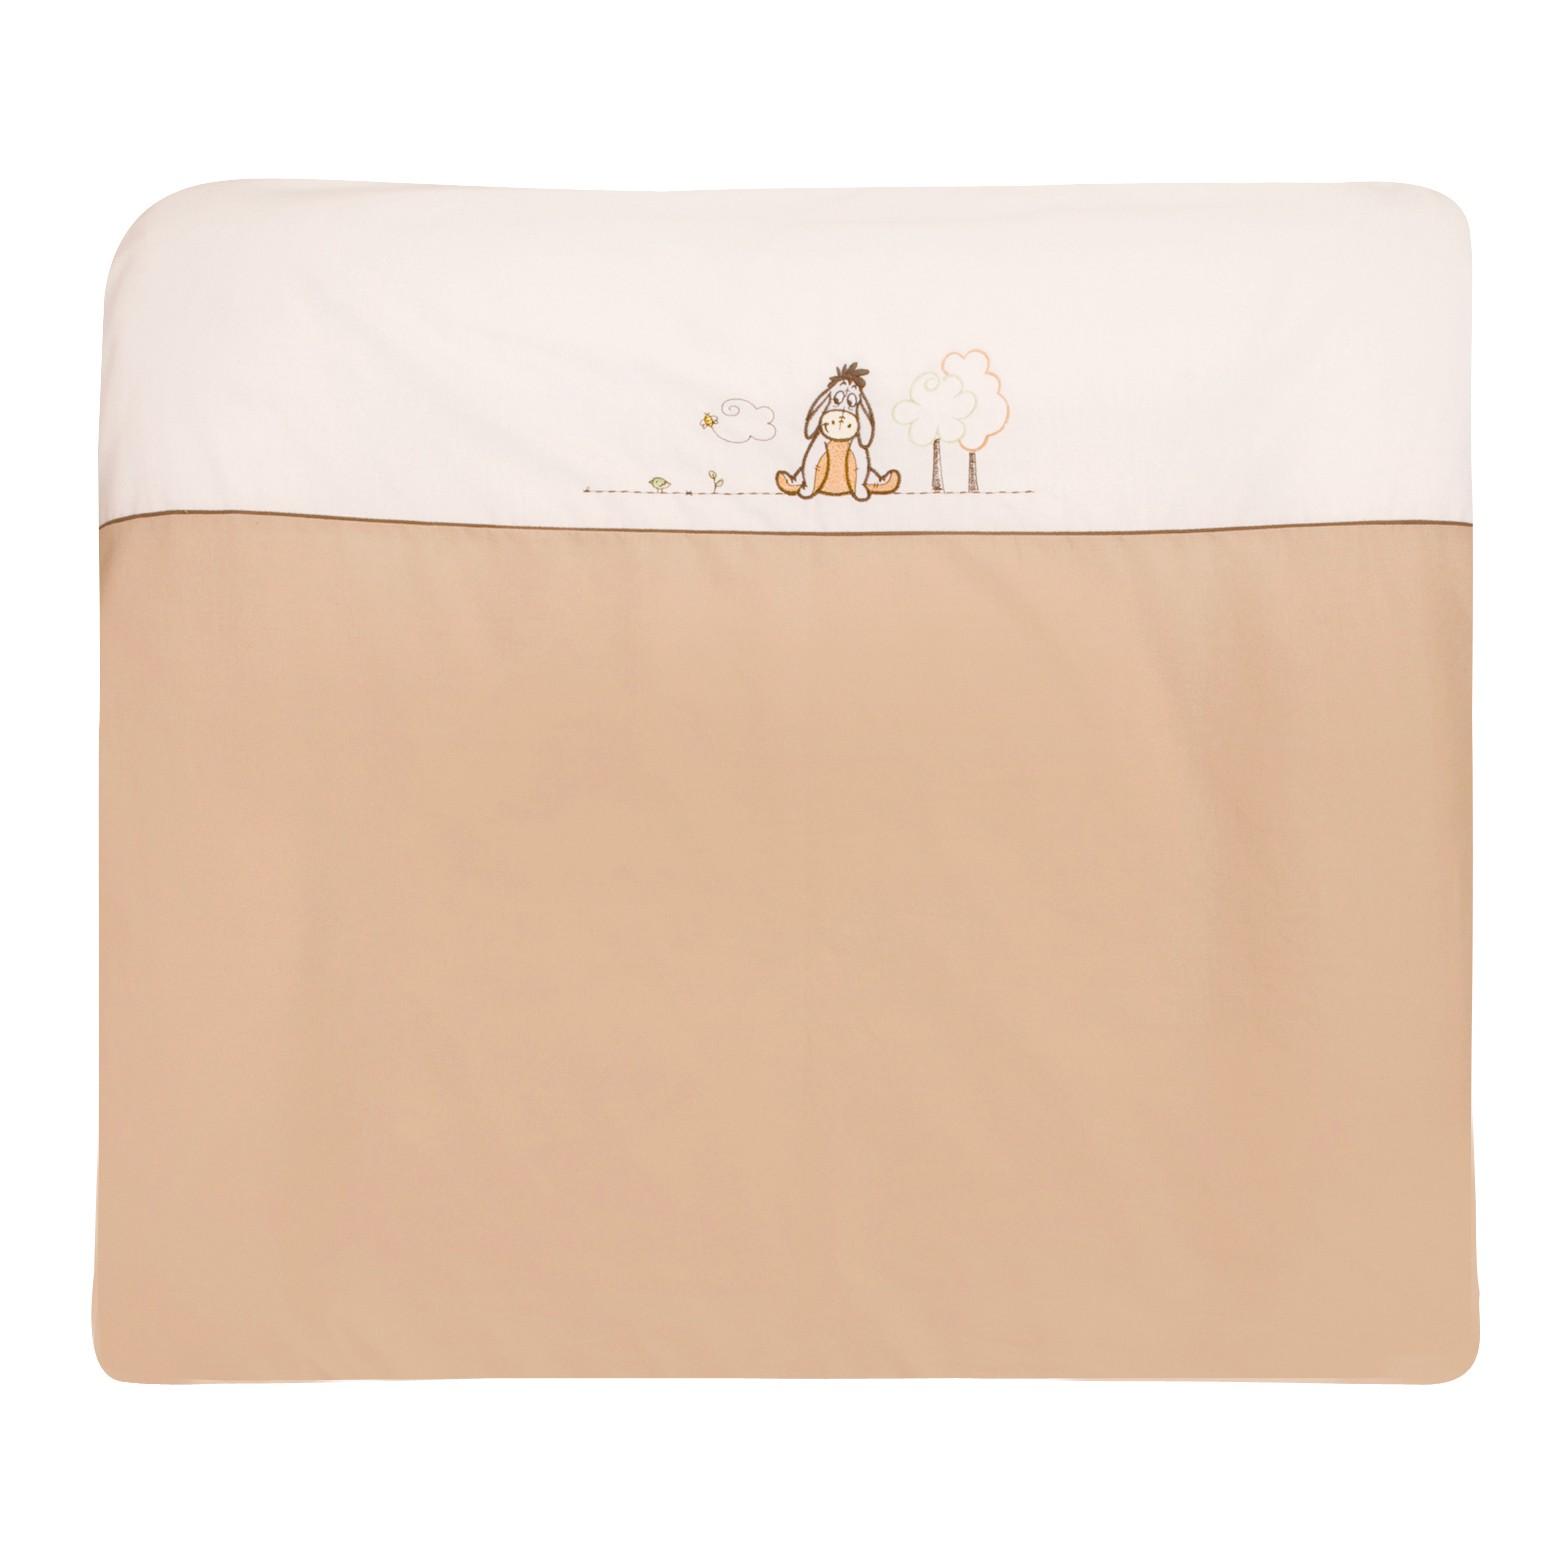 Wickelauflagenbezug Adorable Pooh - 100% Baumwolle - Weiß/Creme mit Applikation